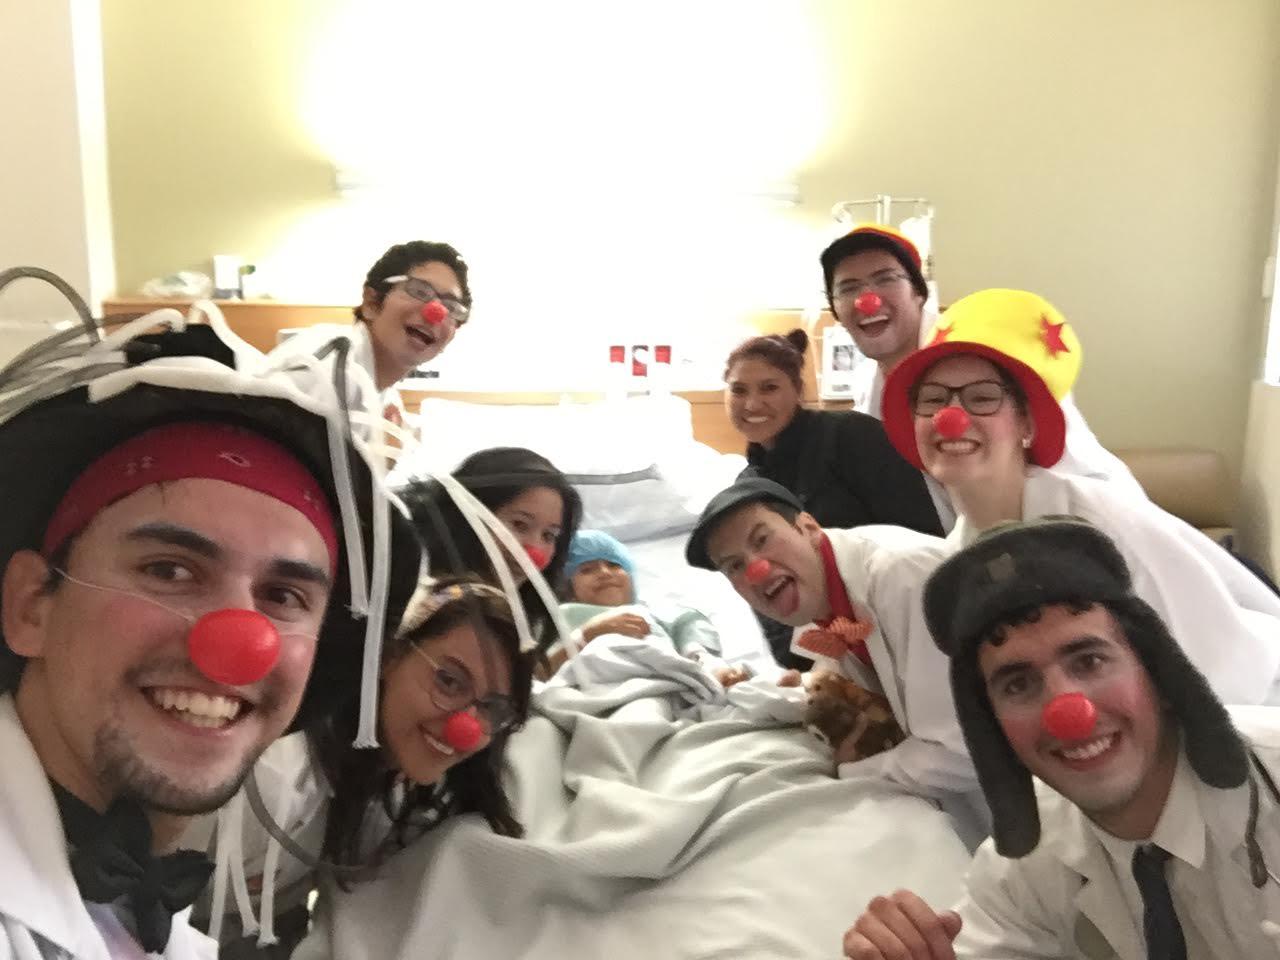 clown hospitalario